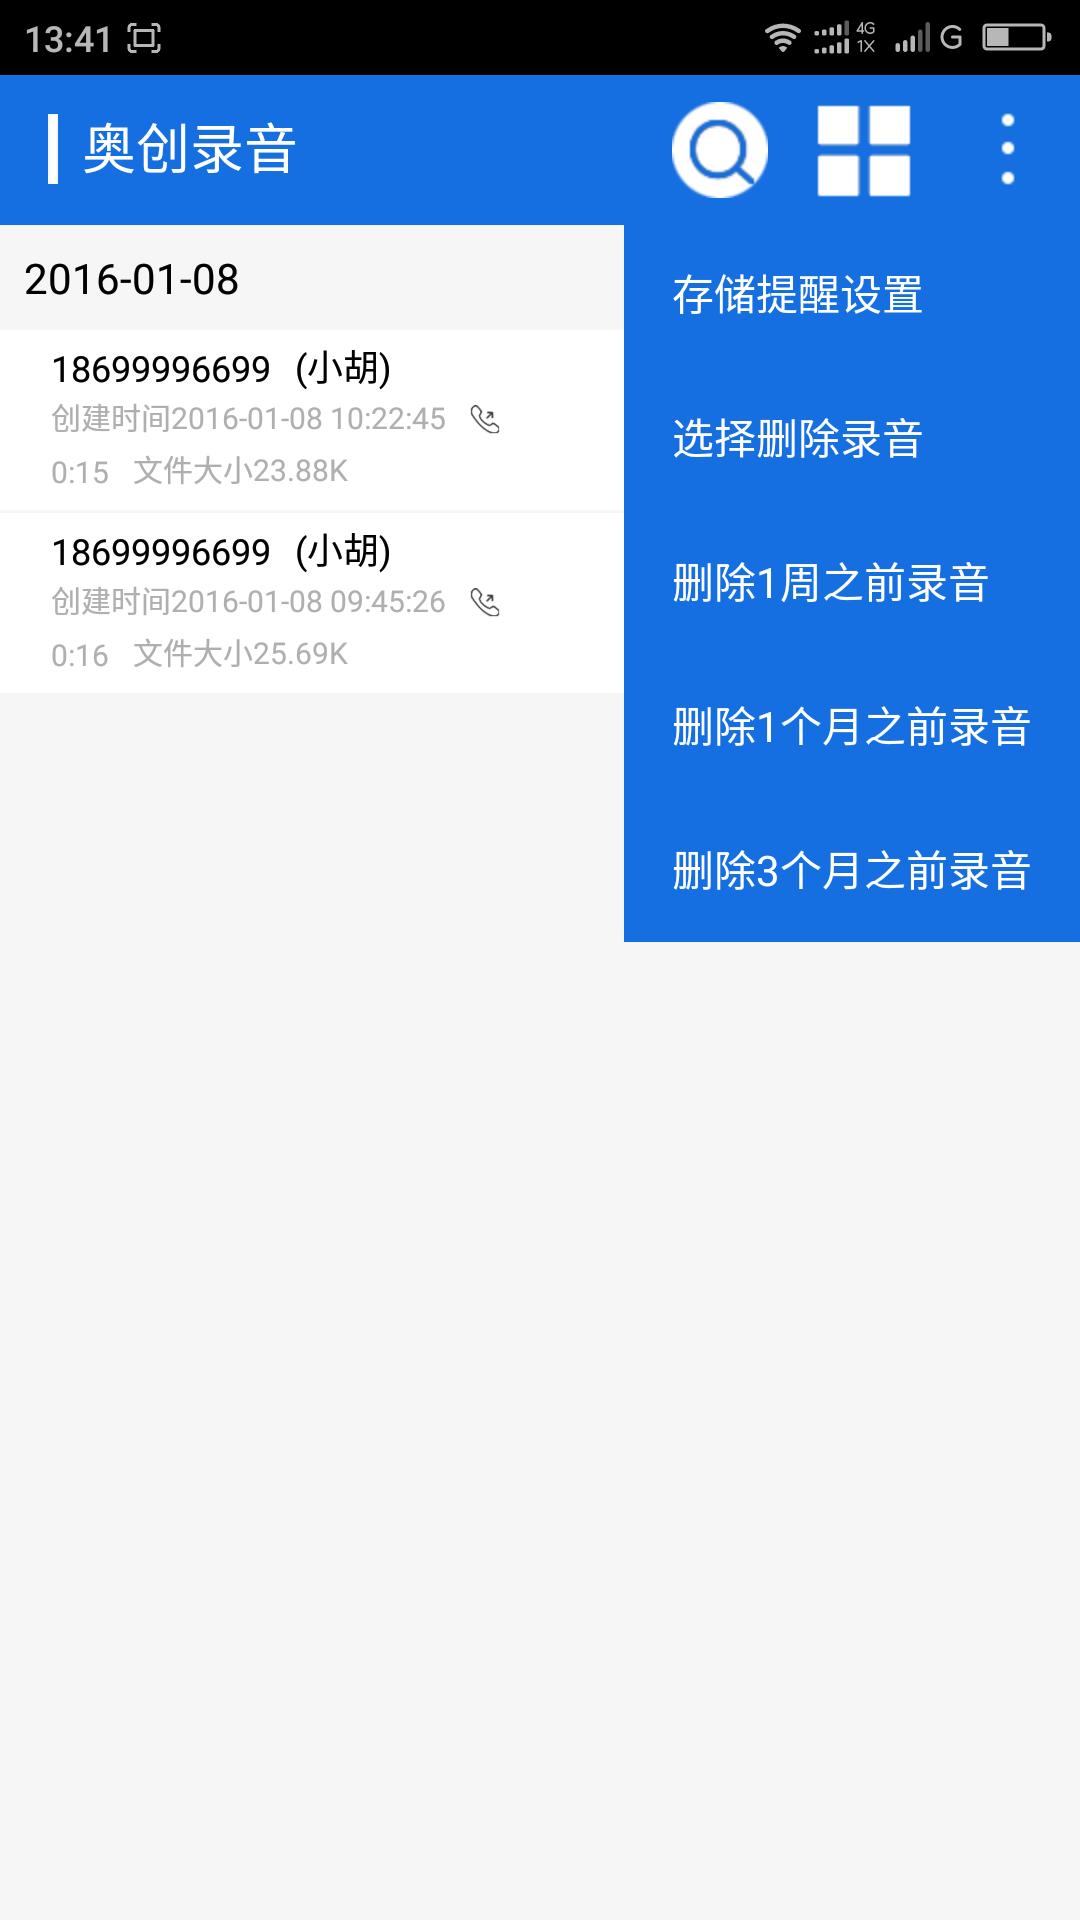 奥创通话录音软件截图